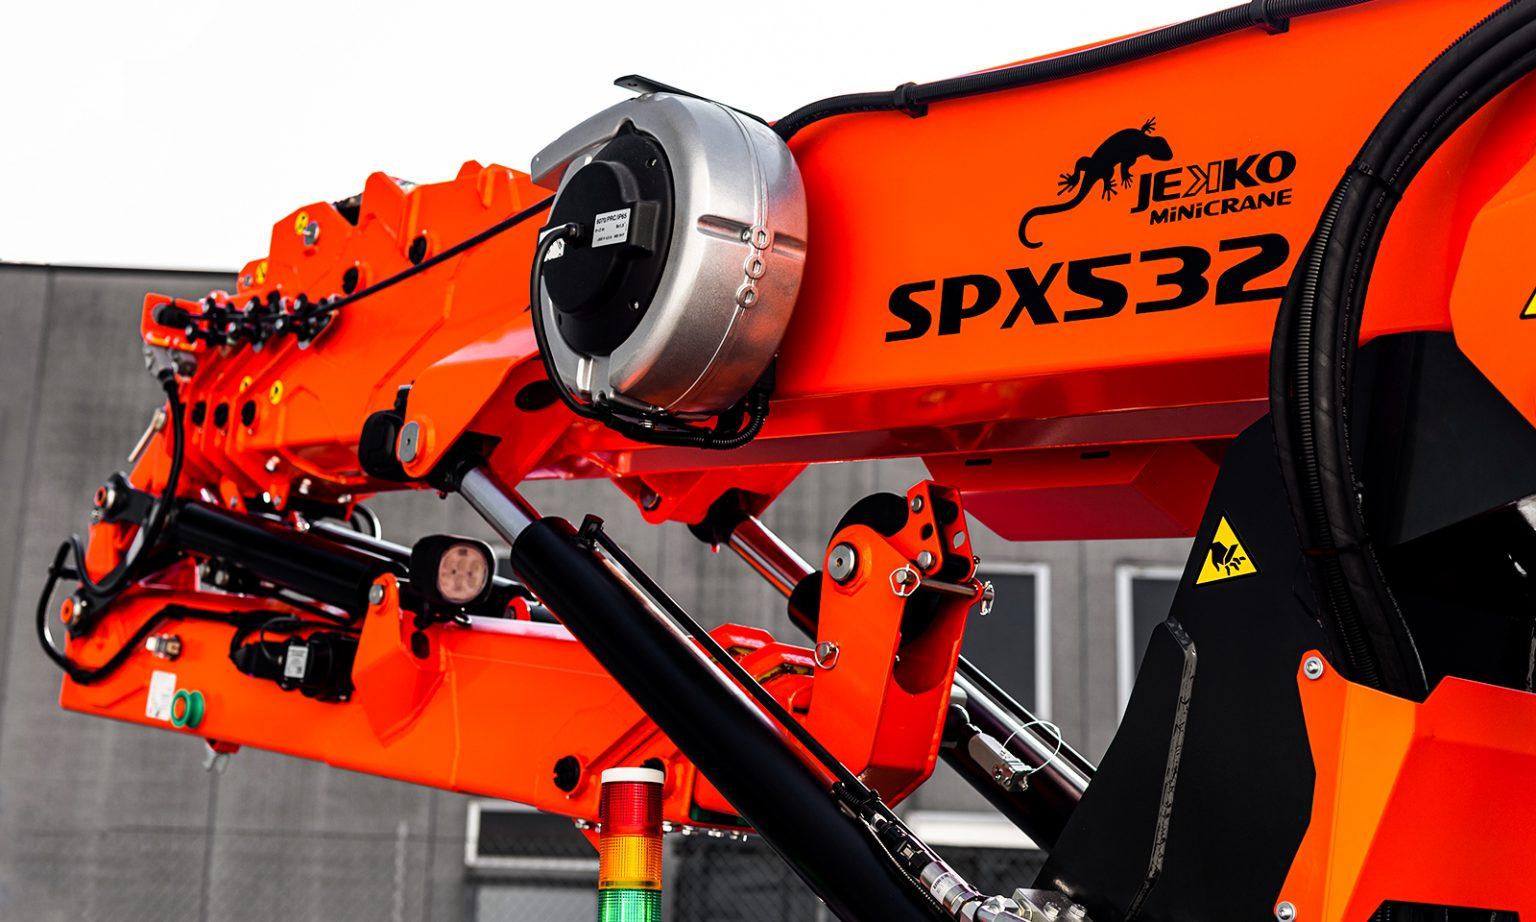 SPX532 nuova generazione di mini gru